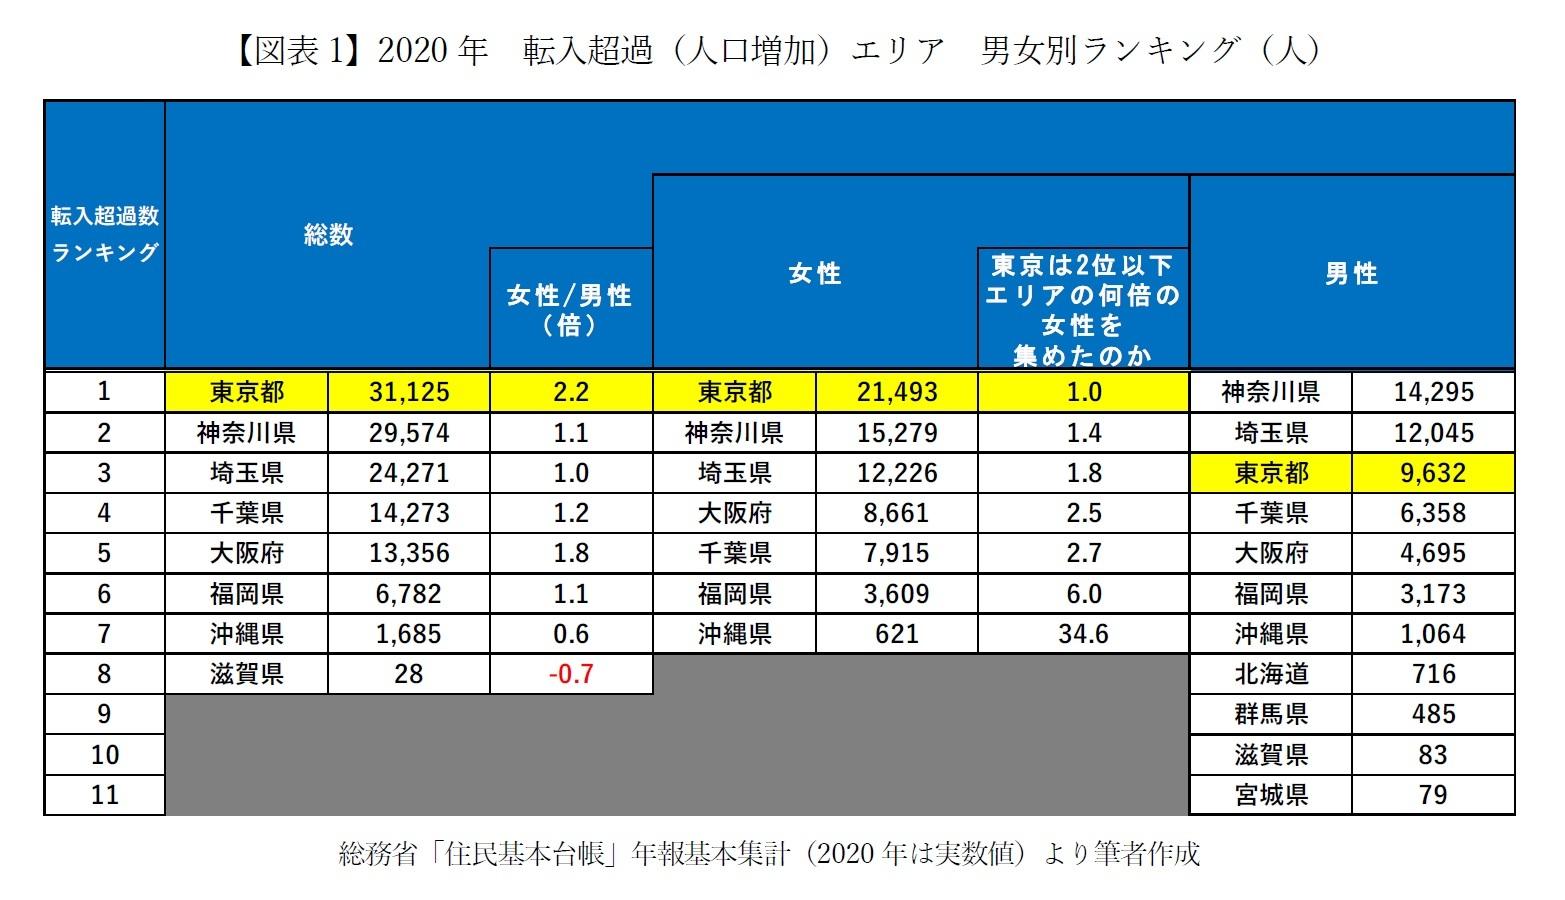 【図表1】2020年 転入超過(人口増加)エリア 男女別ランキング(人)